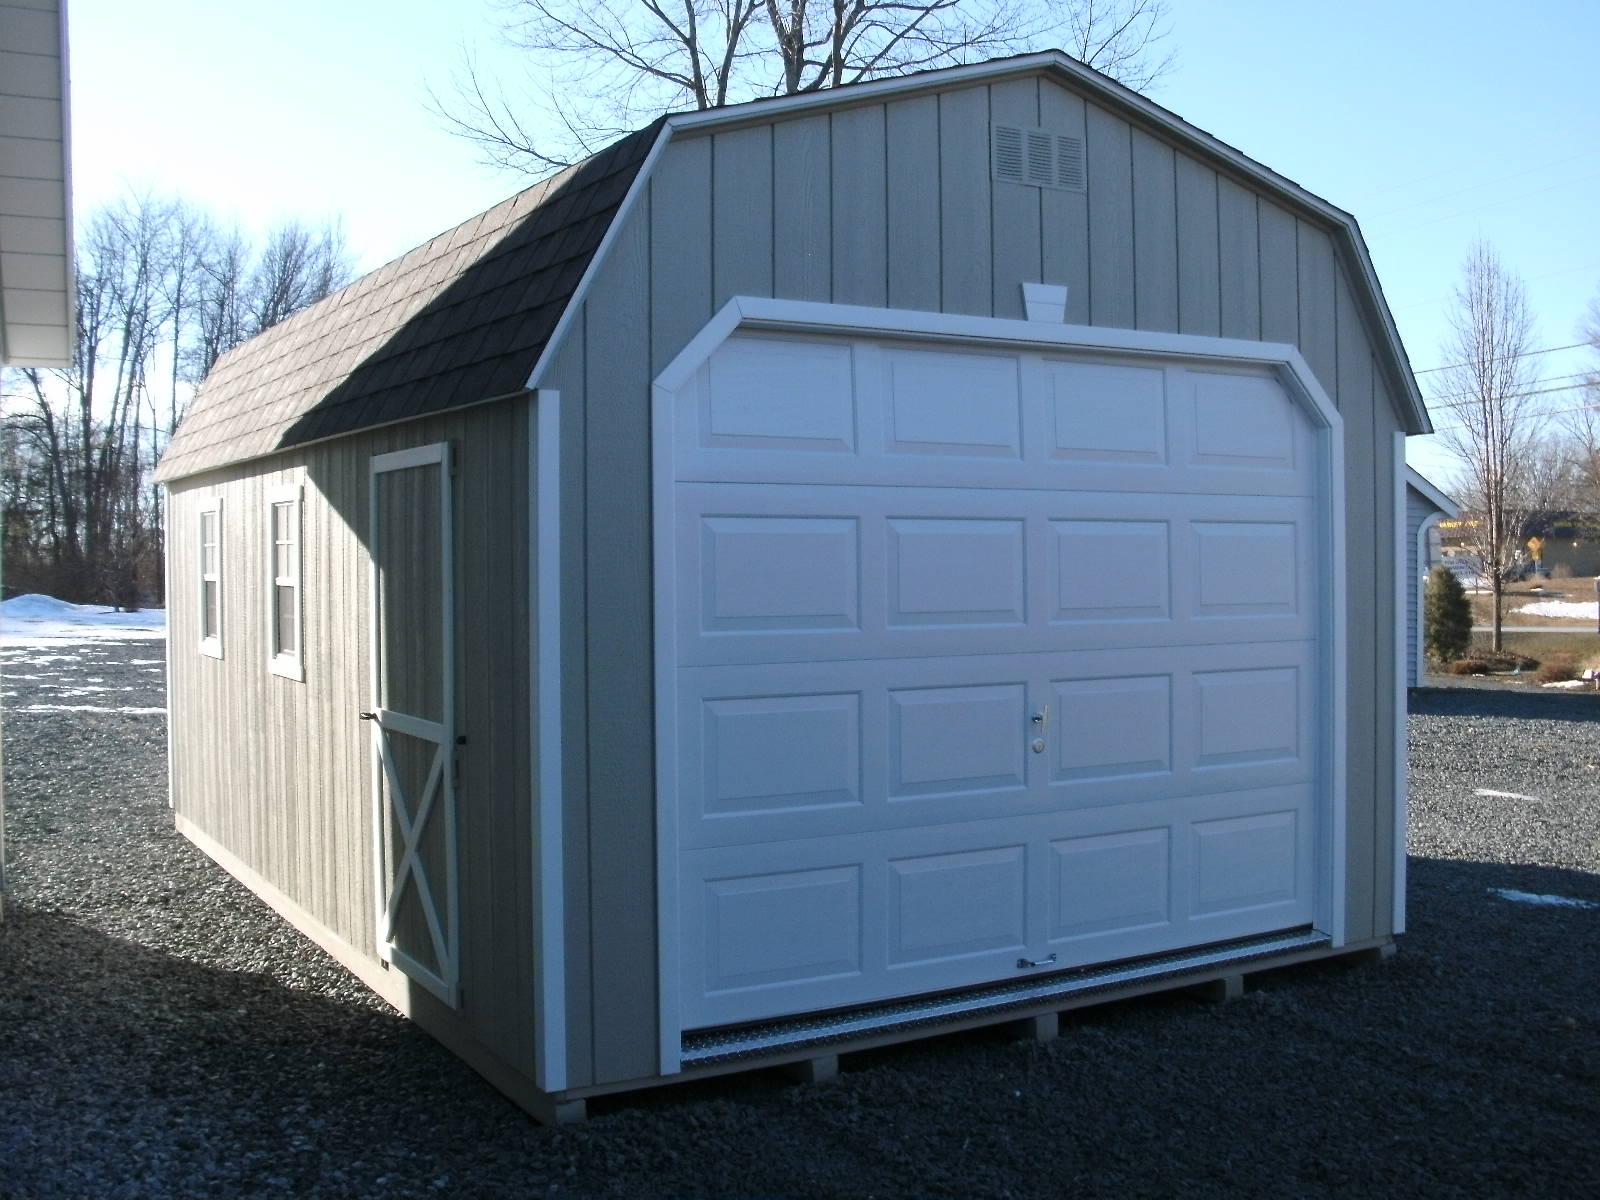 12' X 20' Duratemp Garage : Image 1